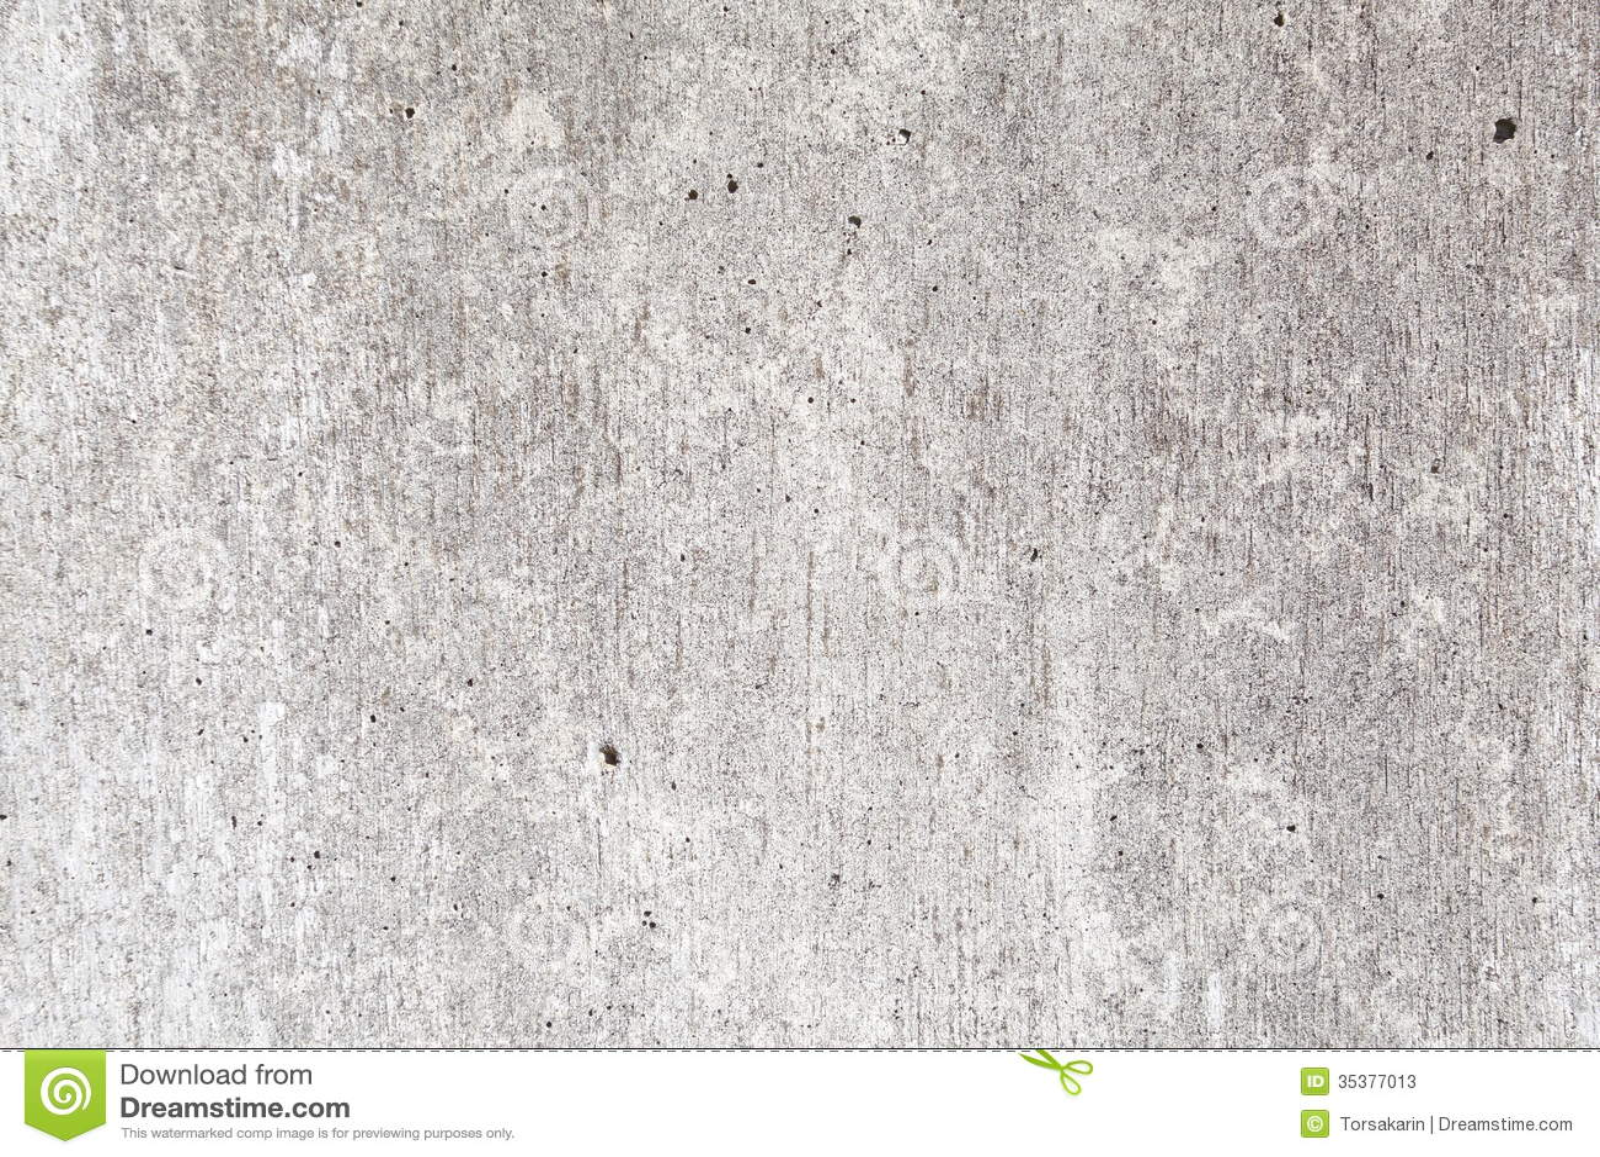 Fondo de escamas de concreto